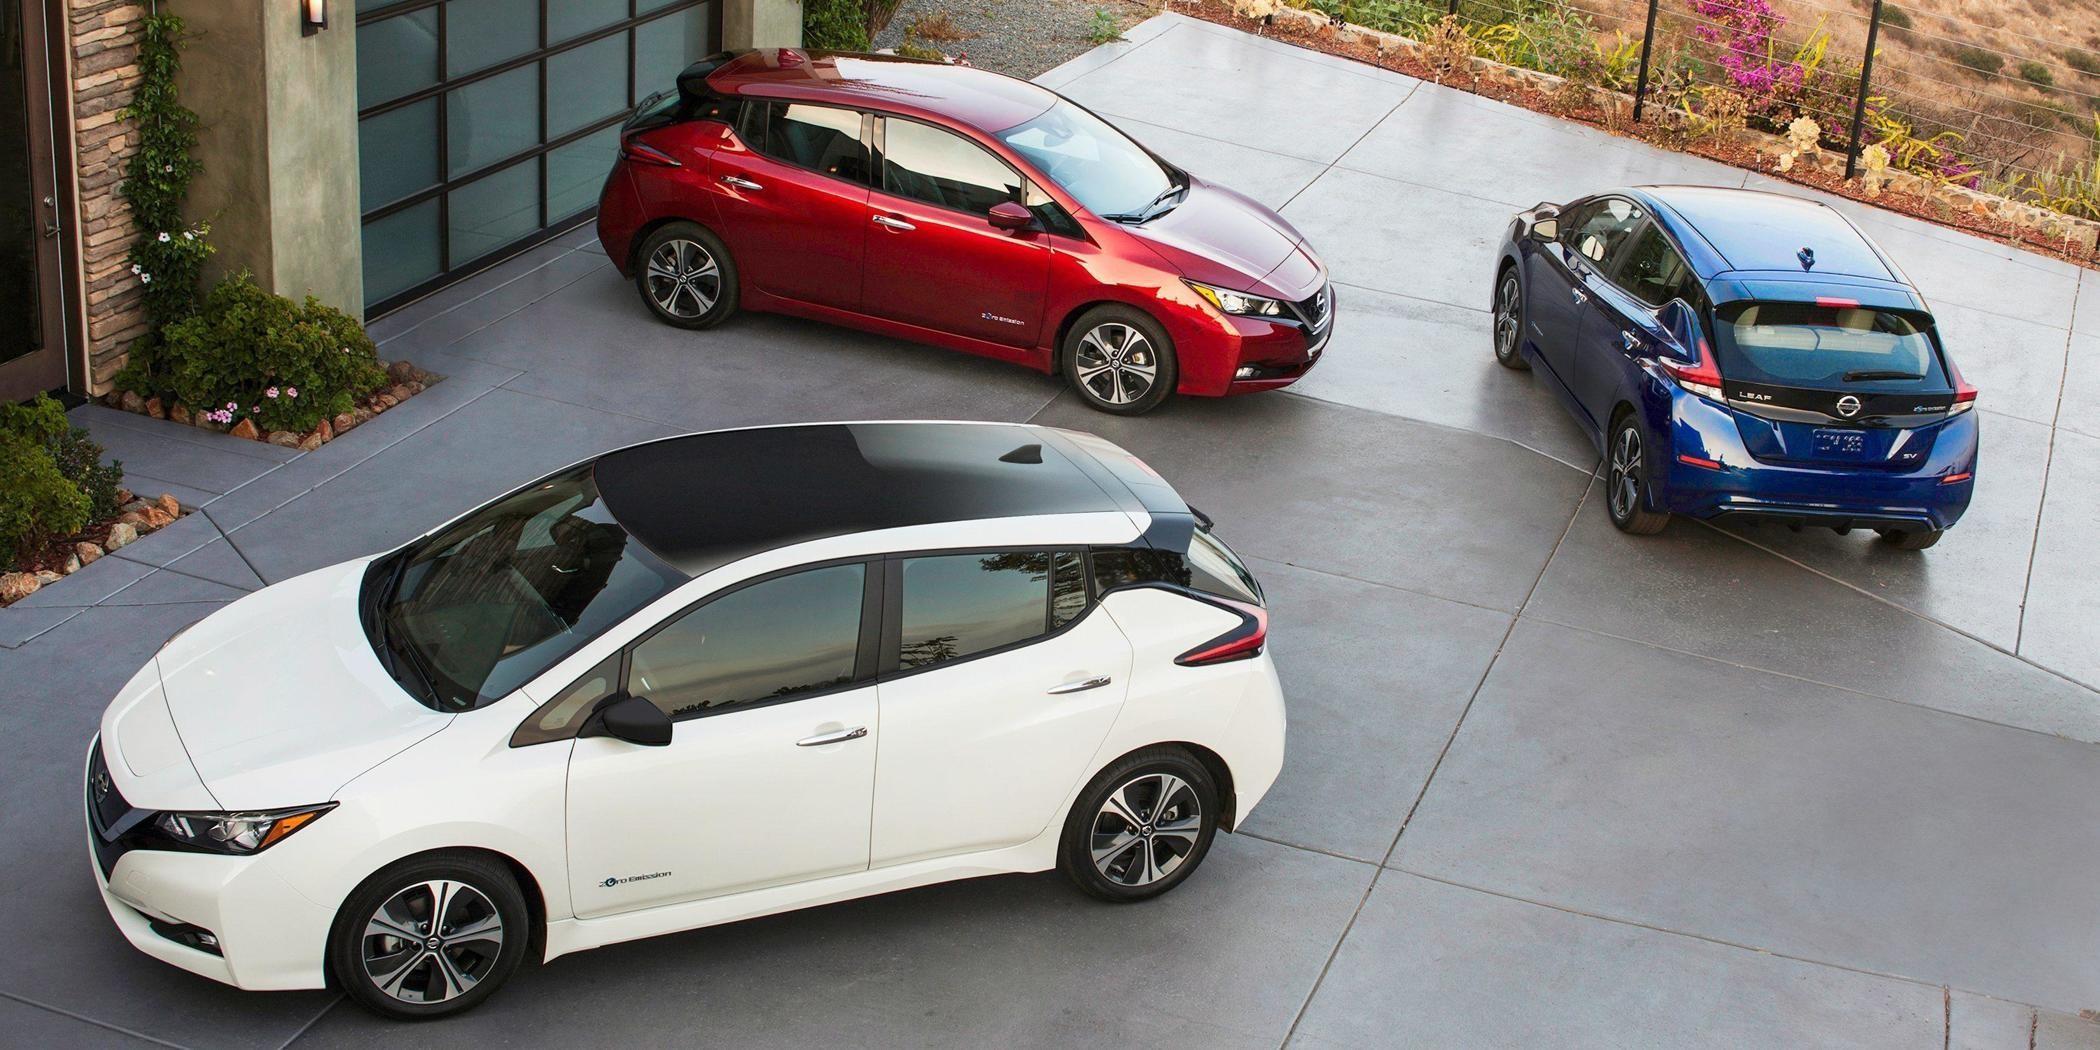 Nissan har med sin prising av nye Leaf overtatt ledelsen i kampen om å tilby mest rekkevidde for pengene.